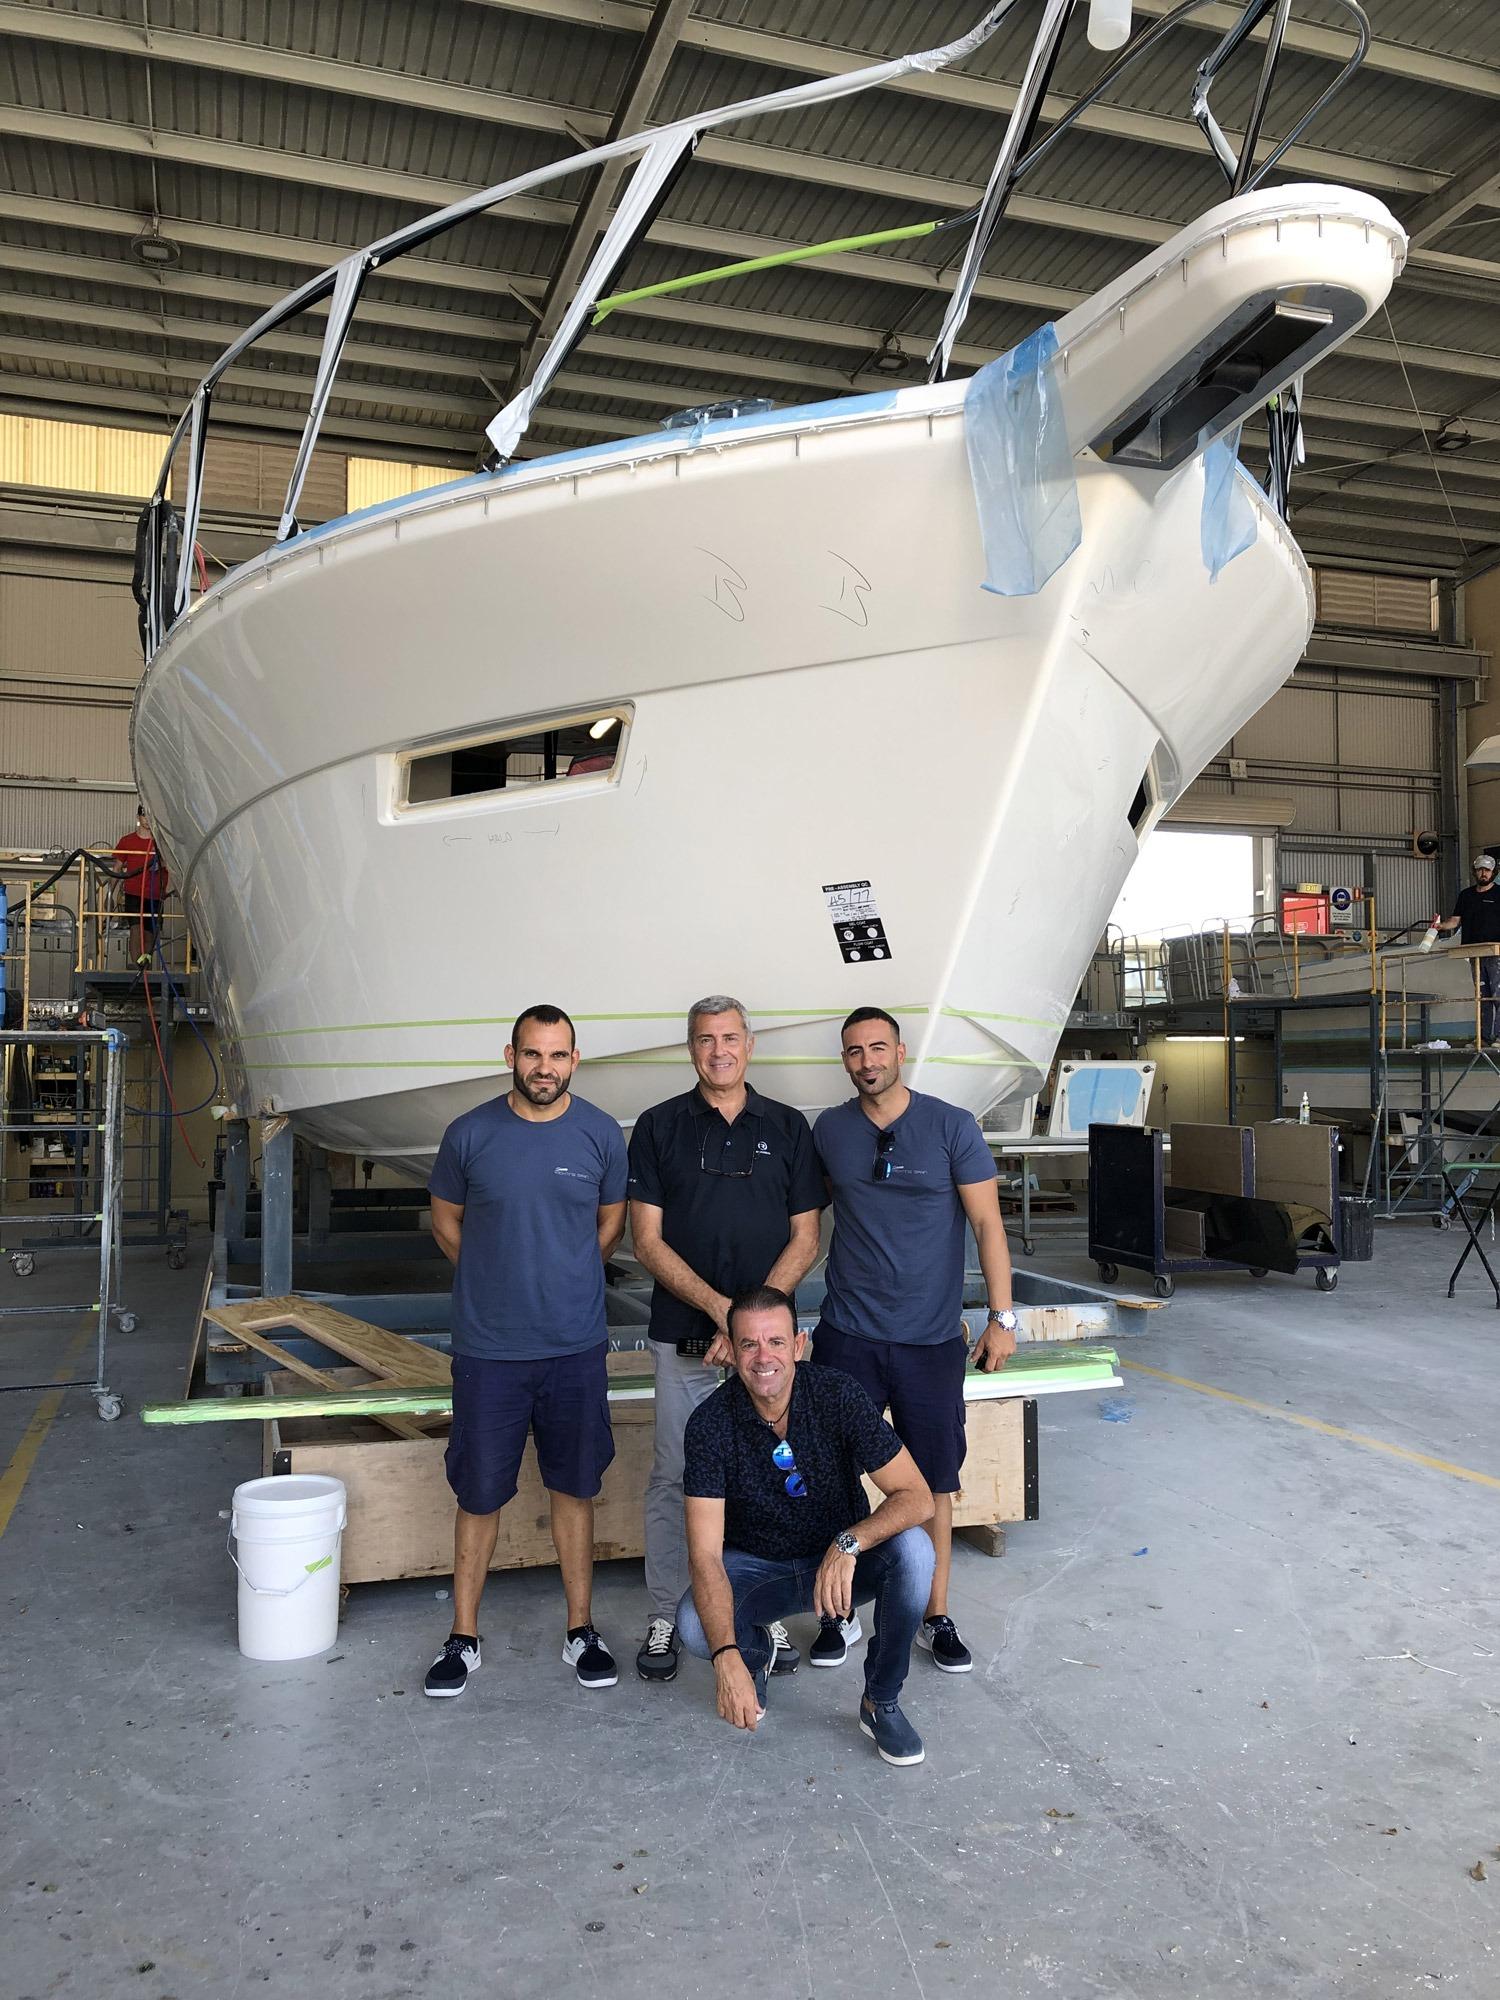 The Yachting Spain team at the Riviera facility. Front: Jose Manual Anton. Behind, from left: service representative Sergio Anton Garcia, Riviera's Jan Van Oostenryck, service representative Nicolas Cuevas